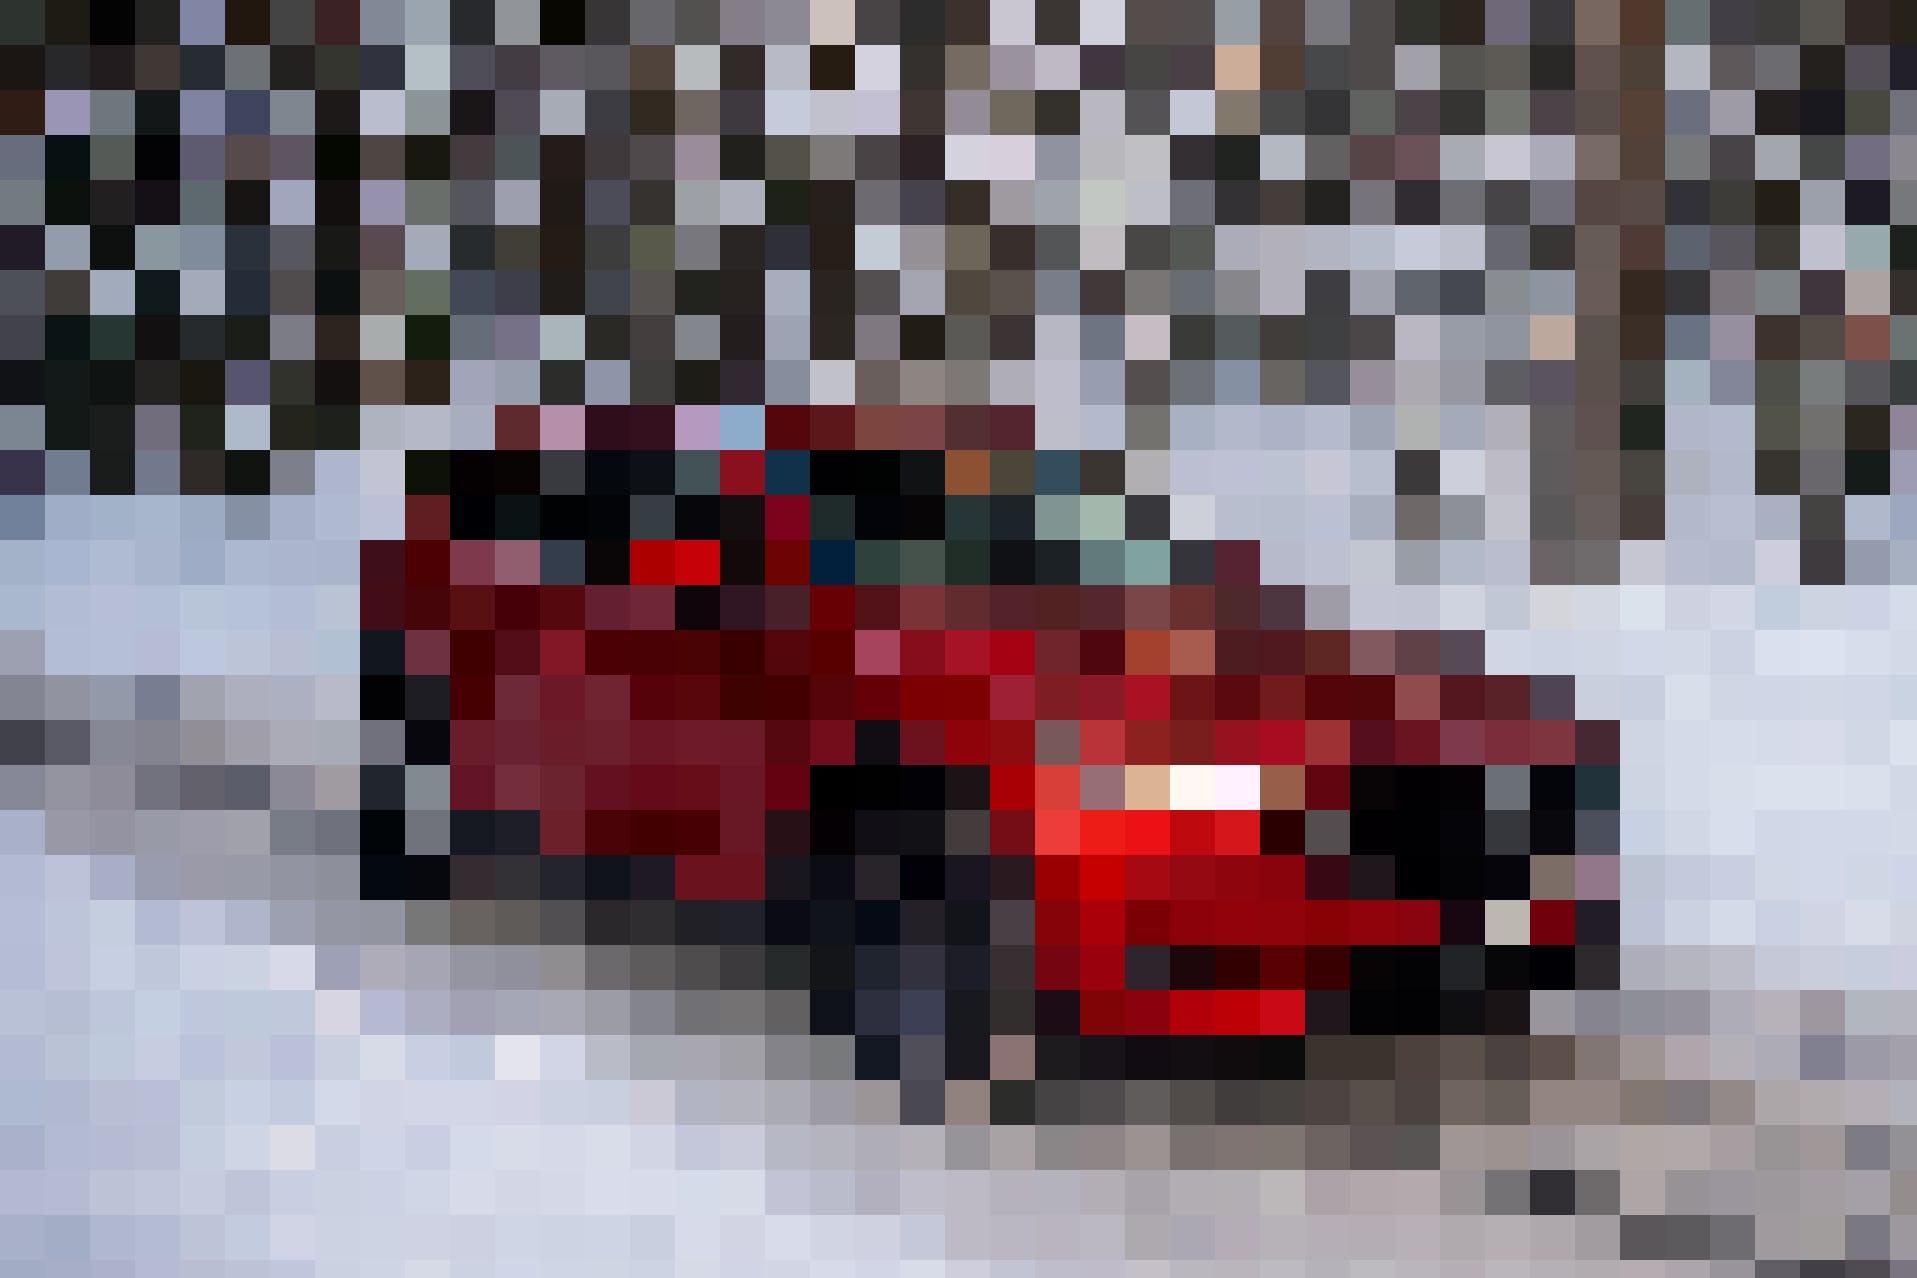 Auf der Abfahrt behält der Mazda CX-5 4x4 trotz der Eisflächen tadellos den Grip.